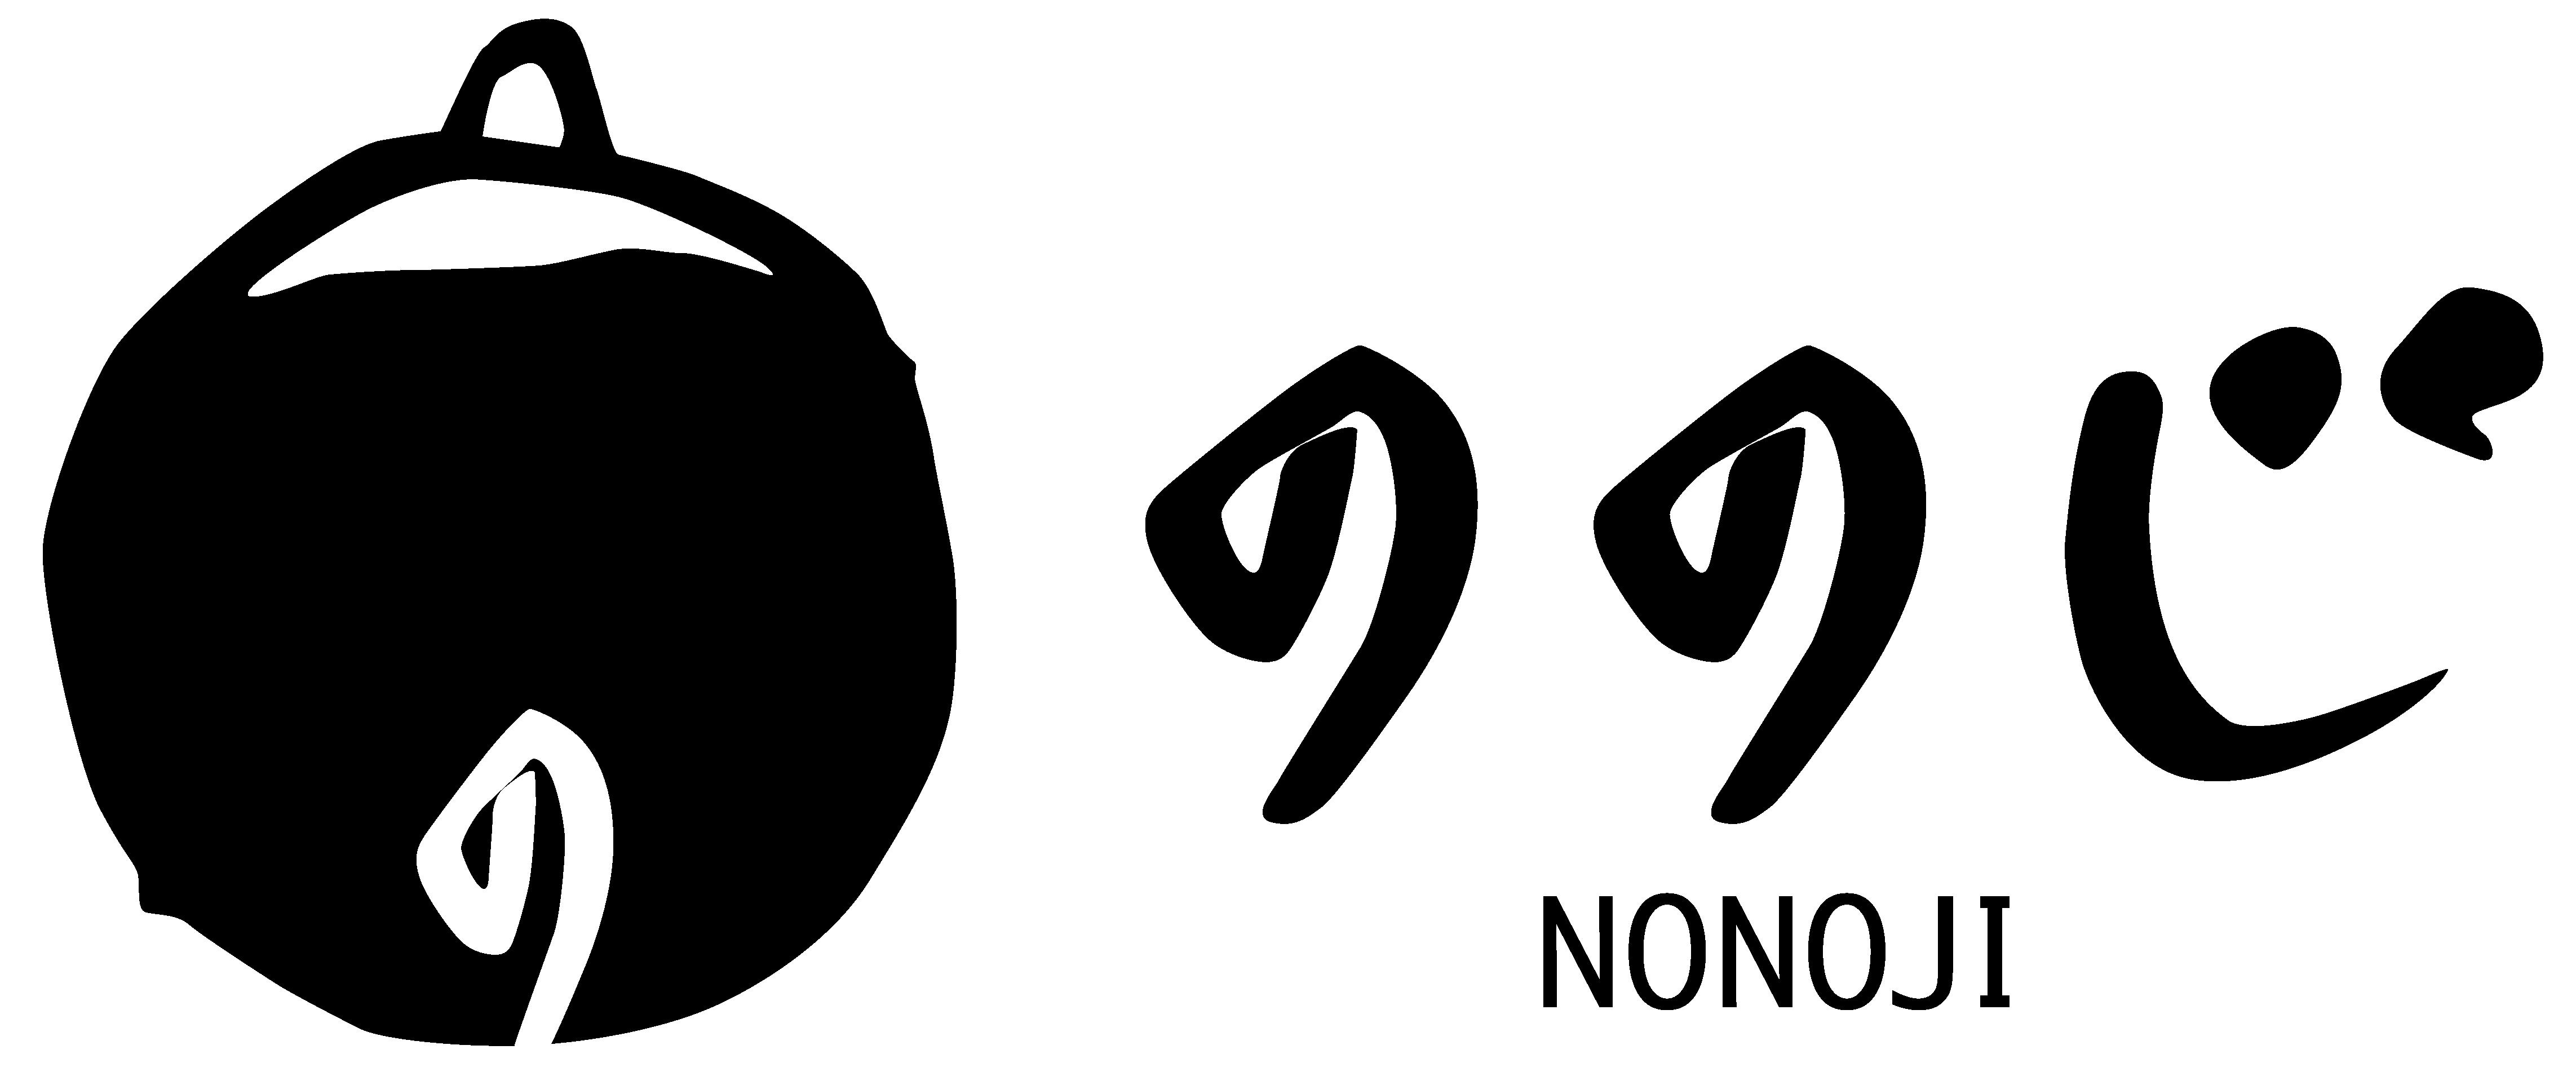 ののじ-NONOJI- 頭の揉みほぐし専門店|ドライヘッドスパ札幌駅北口 頭痛 眼精疲労改善